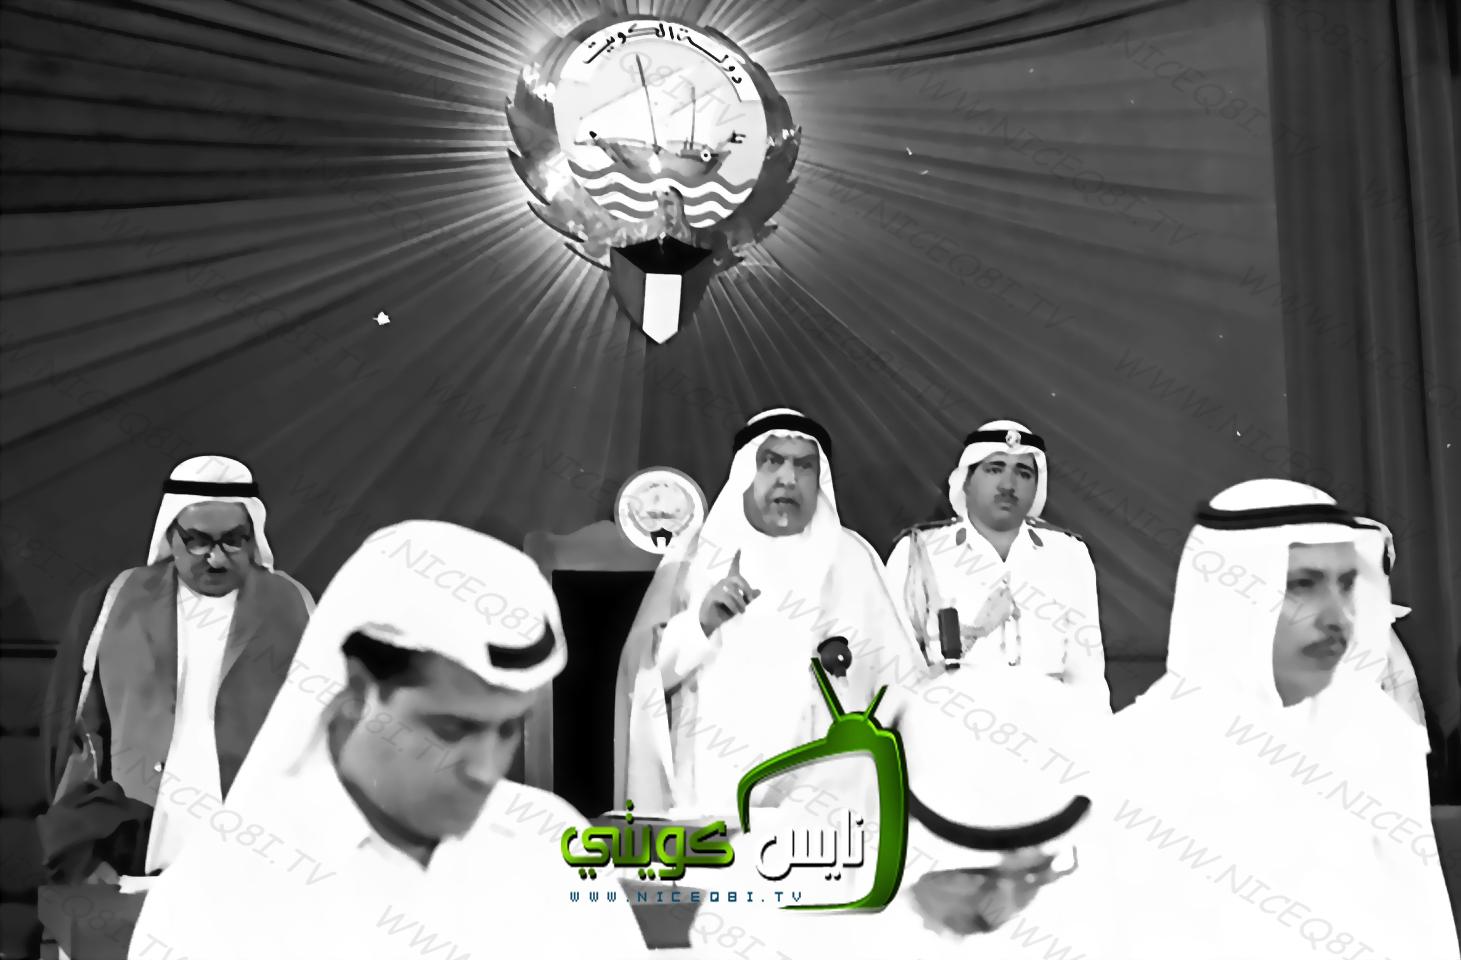 رائدالاستقلال الشيخ عبدالله السالم طيب الله ث